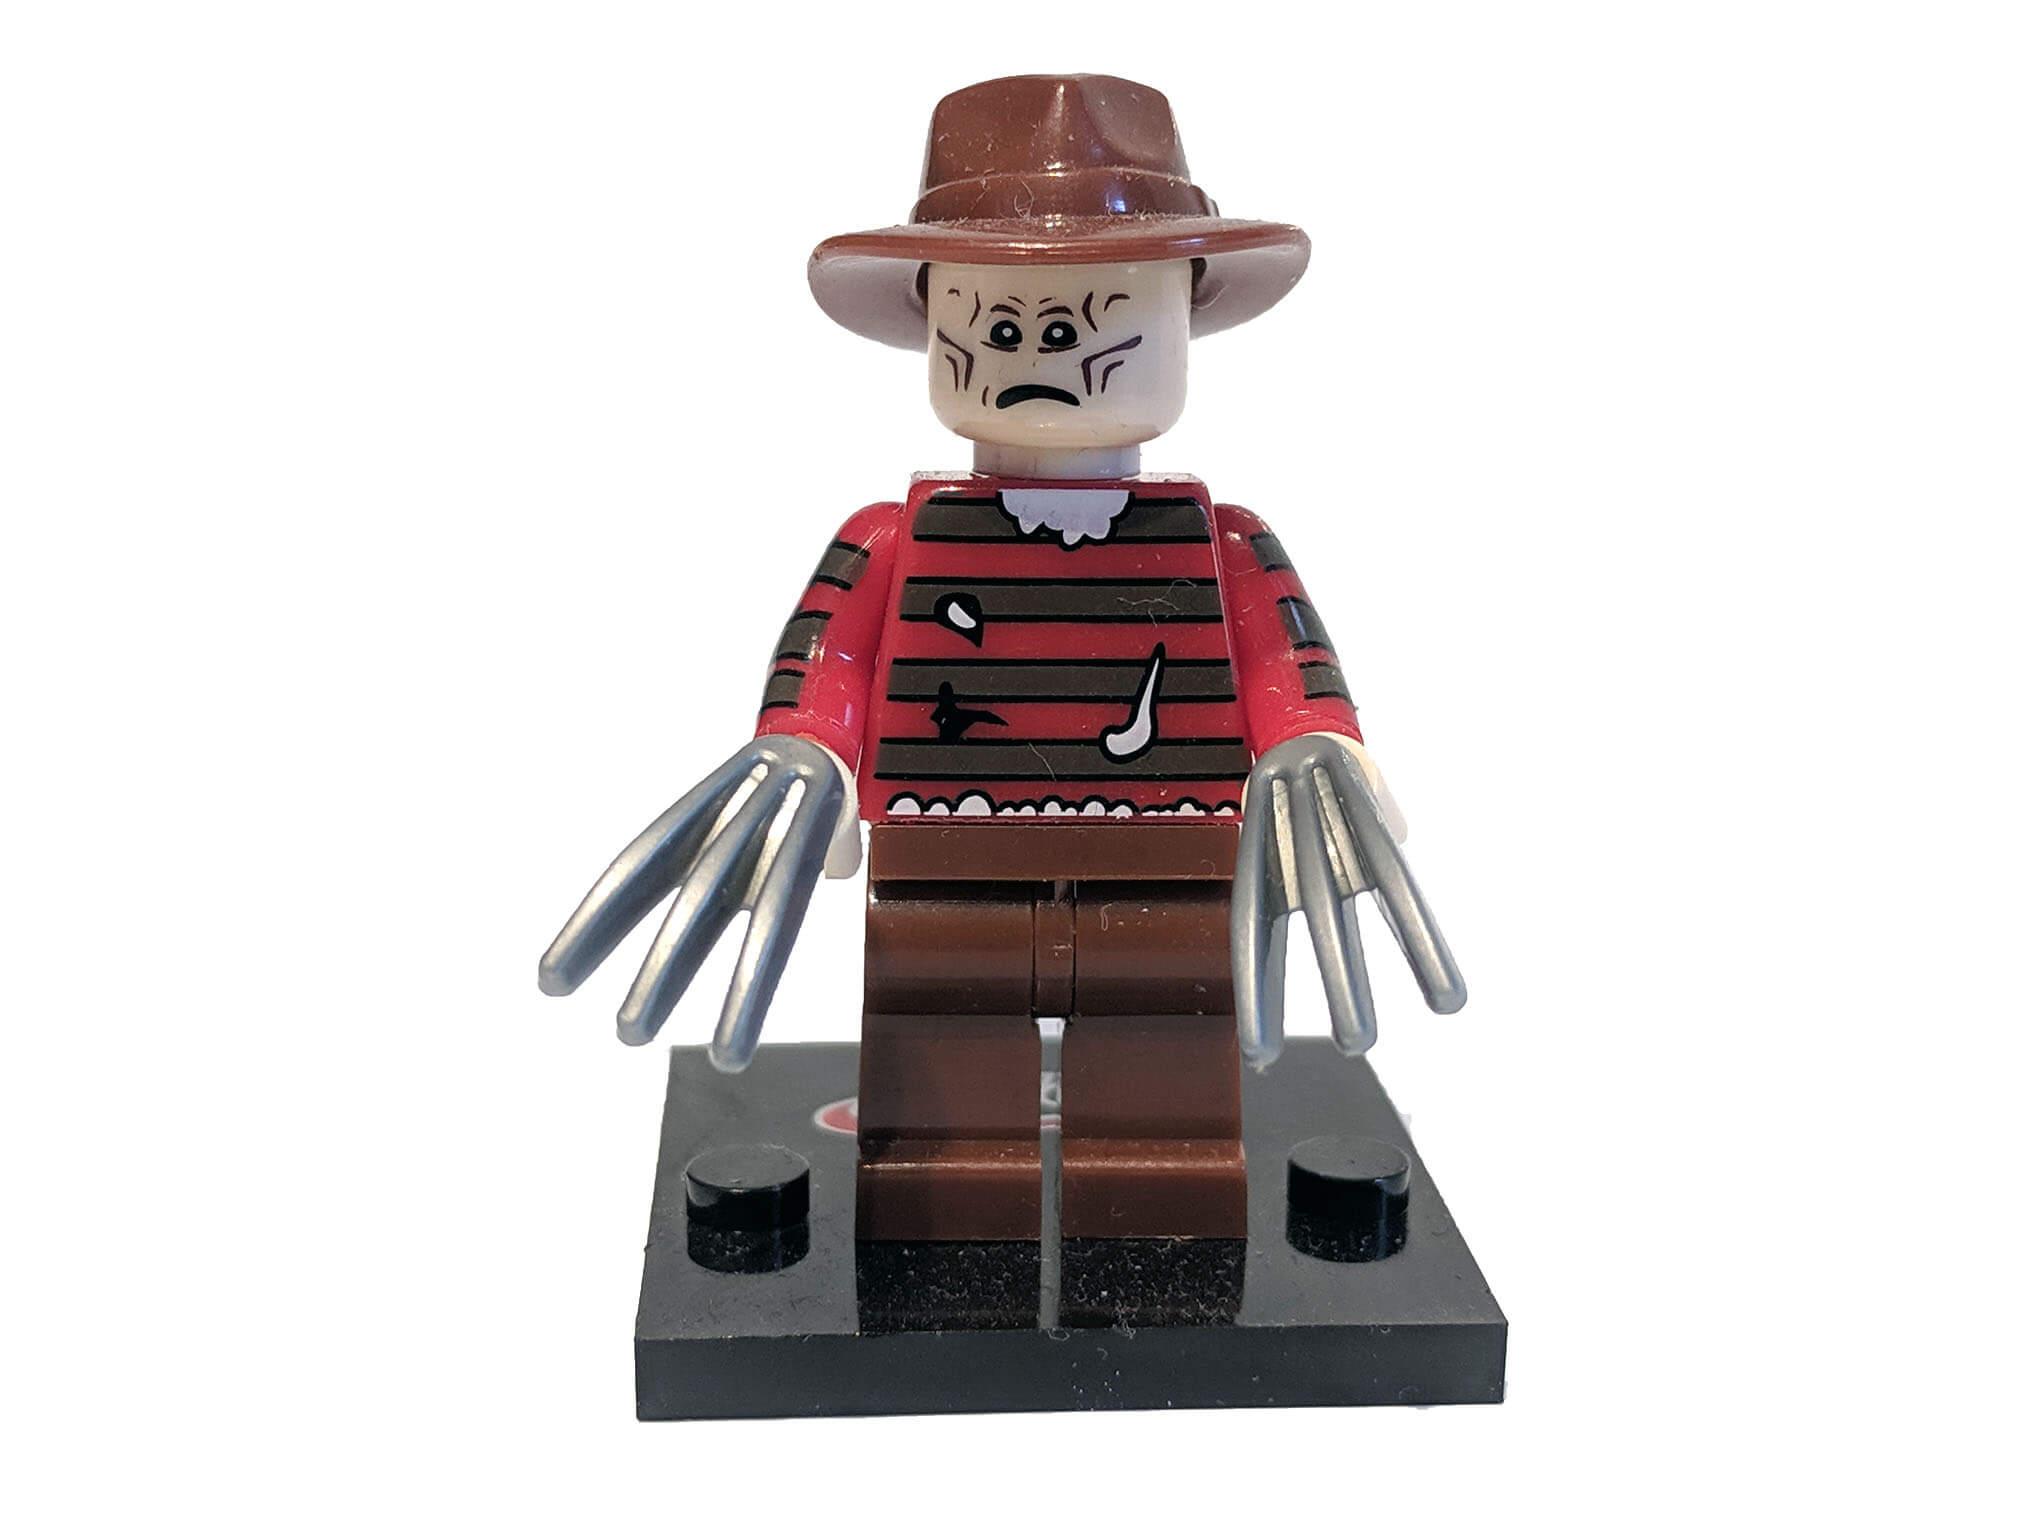 LEGO-Freddy-Krueger.jpg